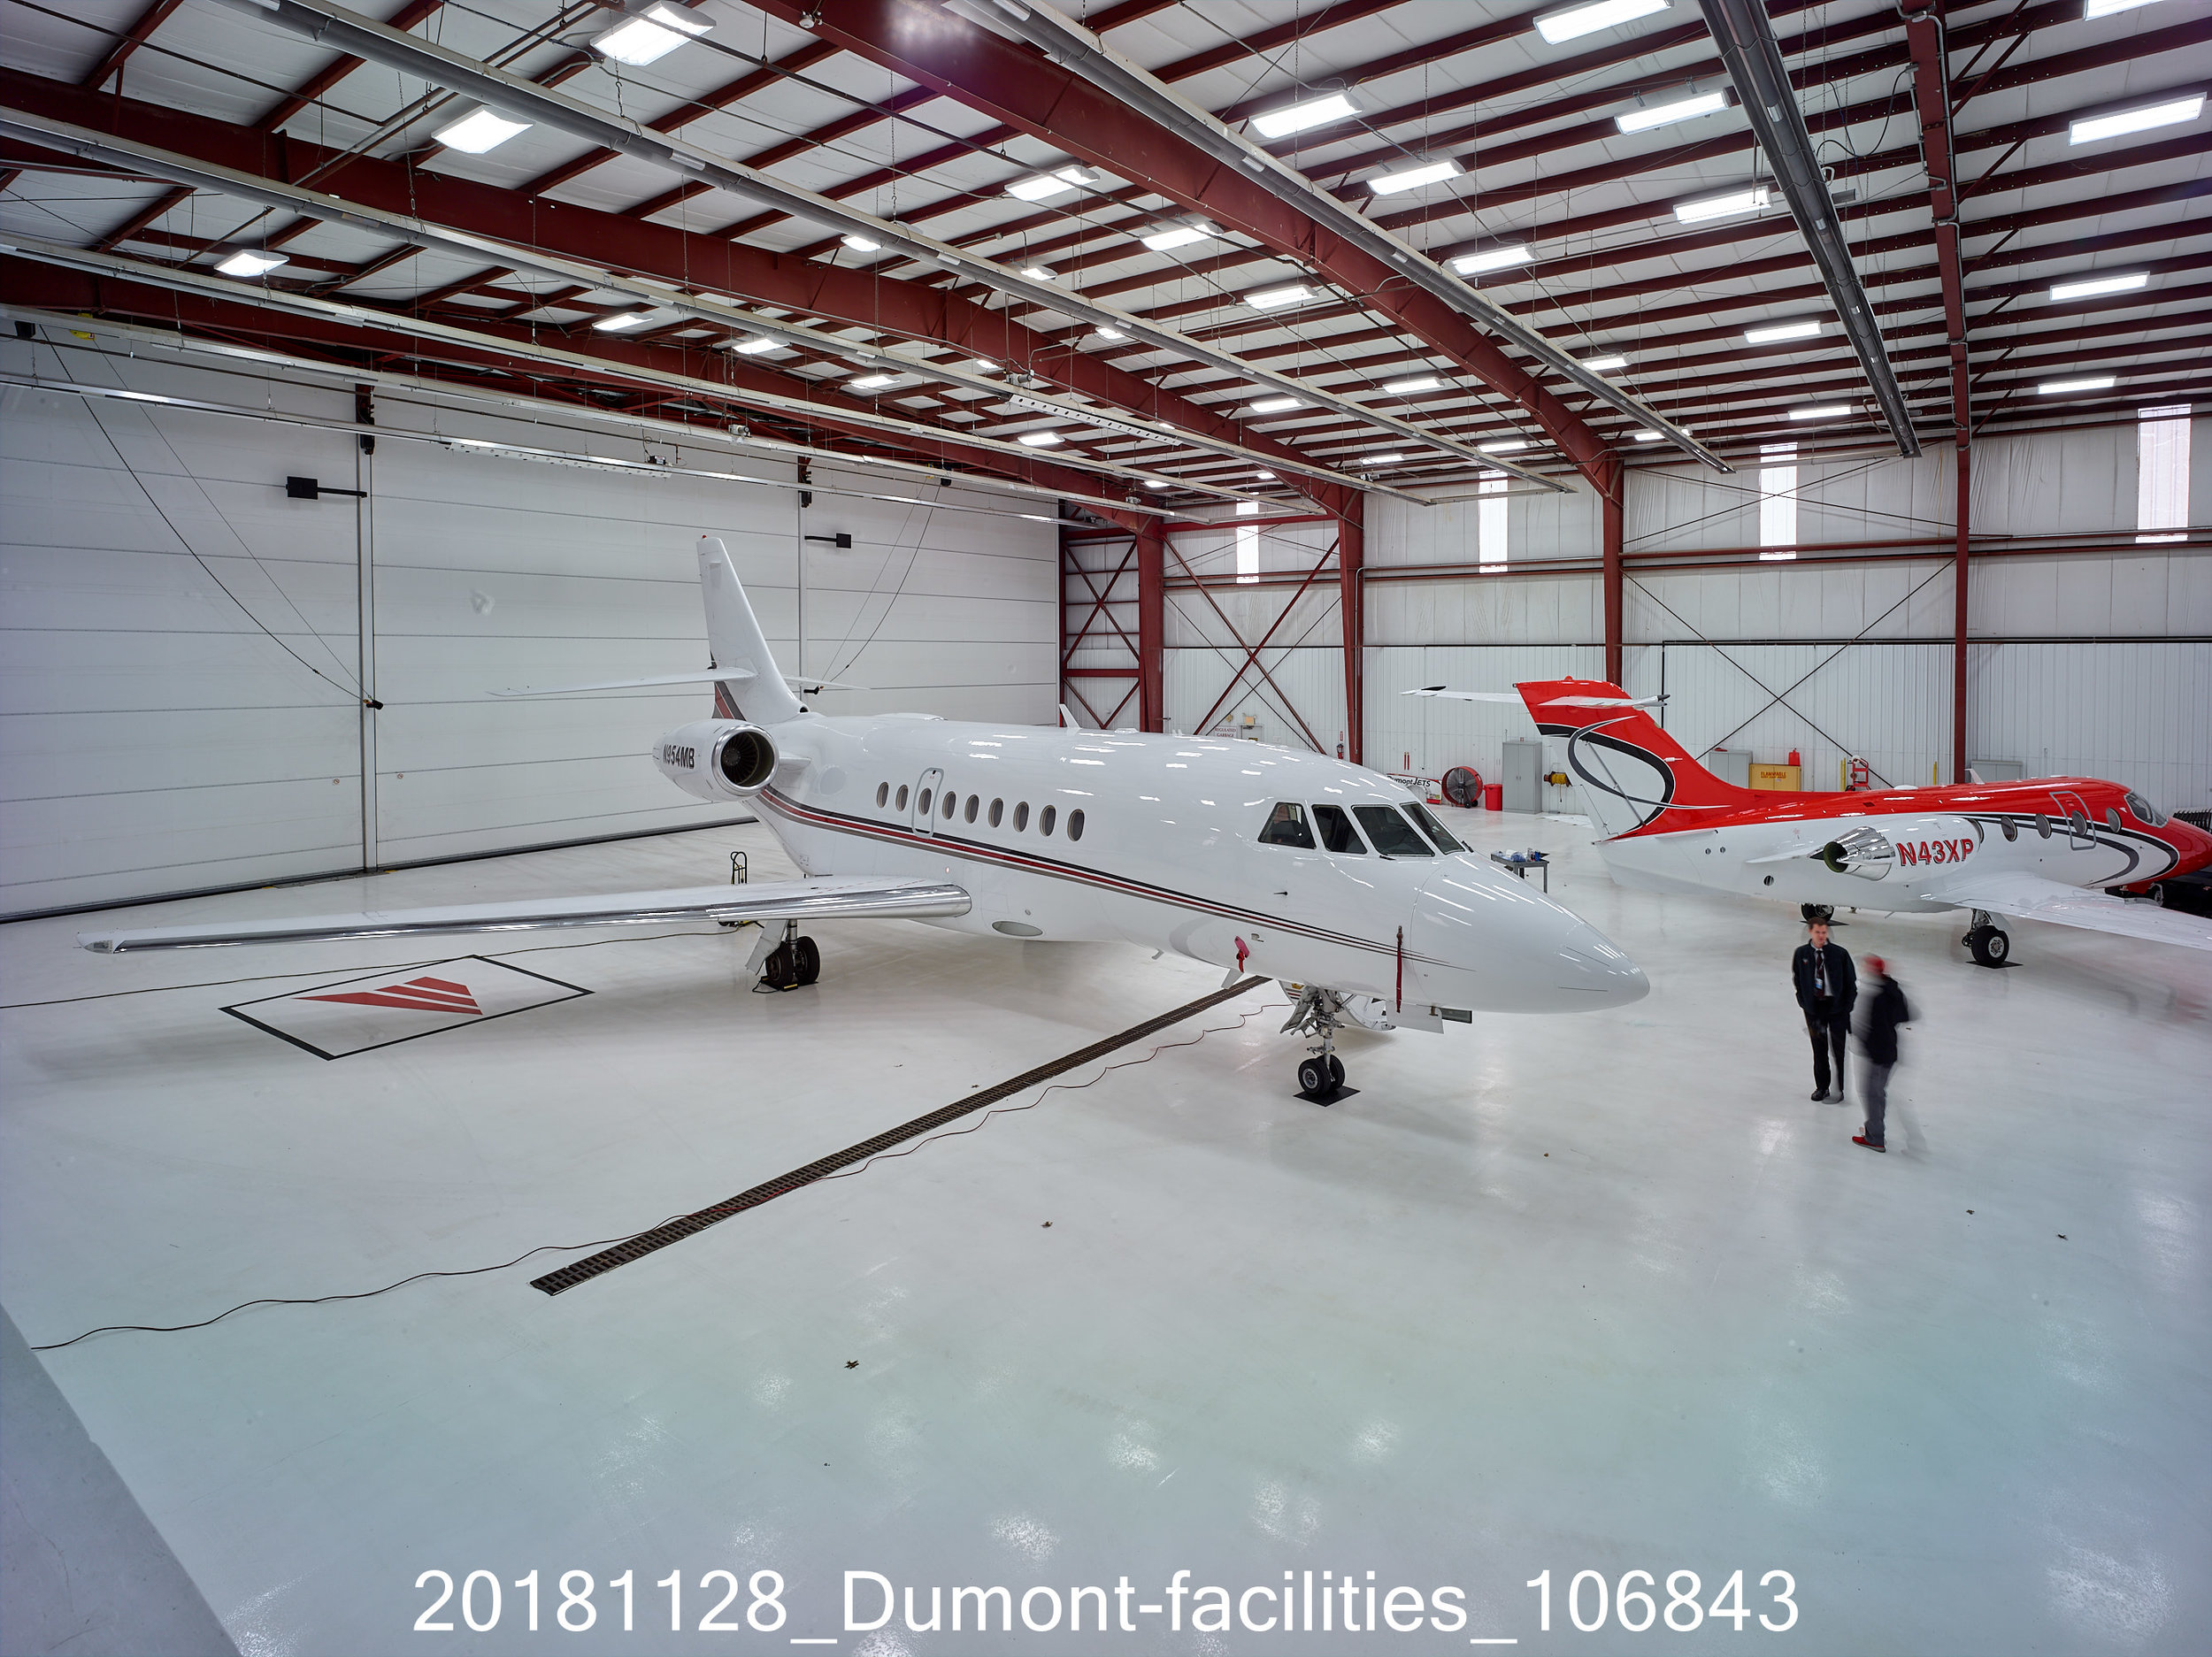 20181128_Dumont-facilities_106843.jpg